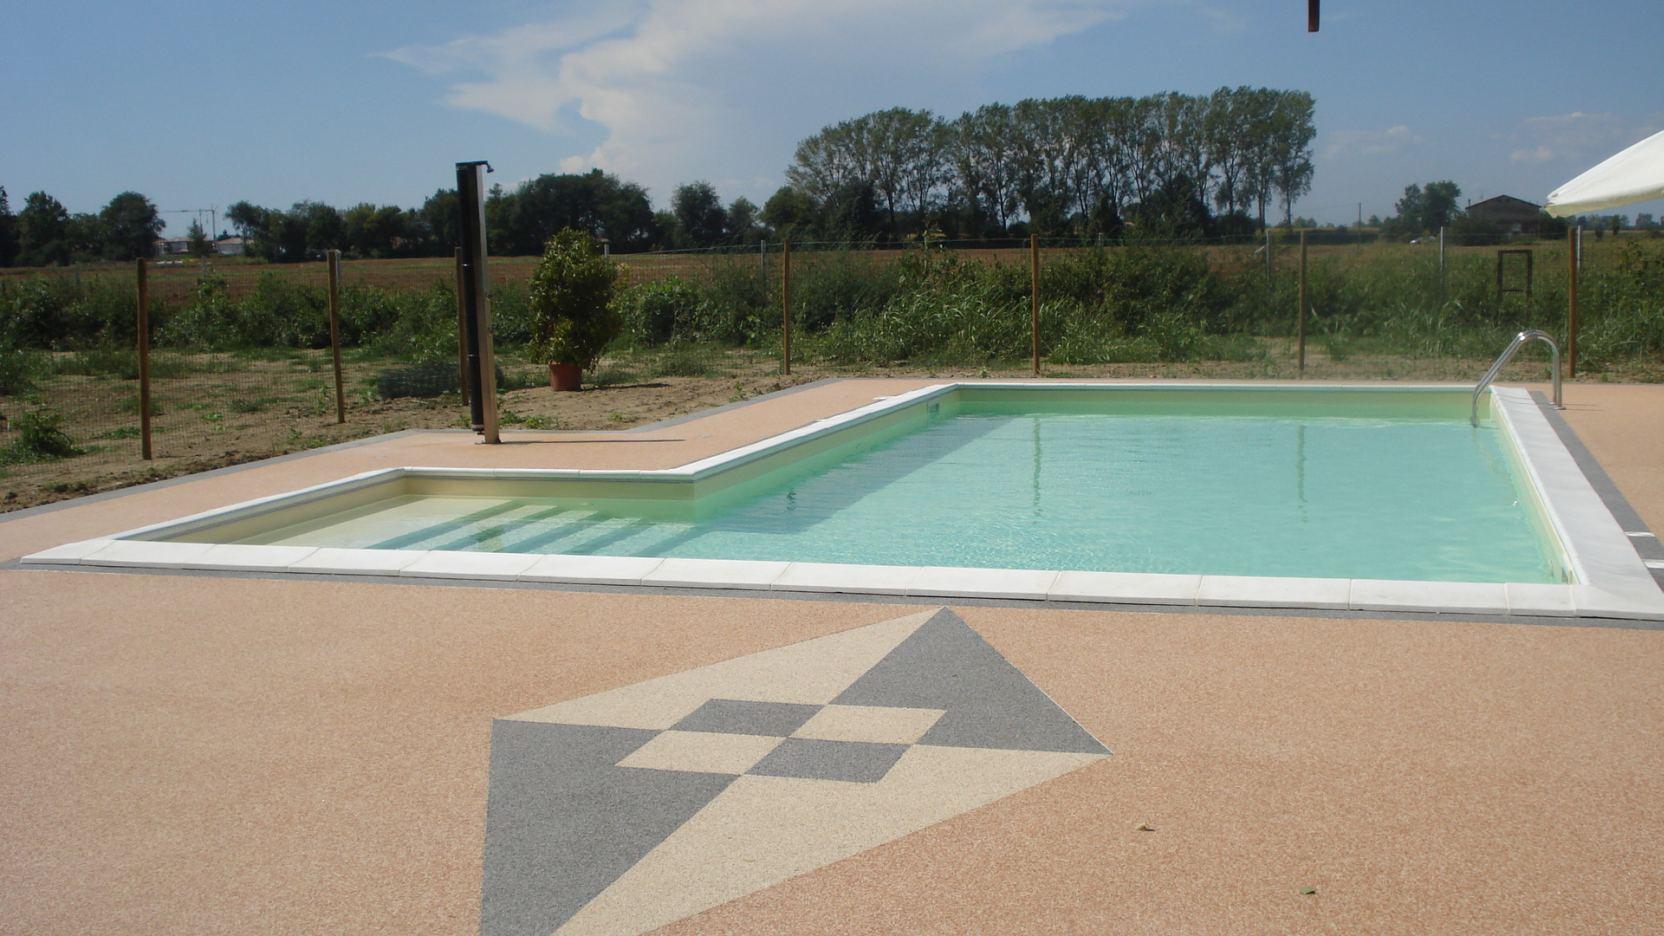 Fabbrico 5 casareggio piscine piscine piscine mantova costruttori di piscine - Piscina mantova ...